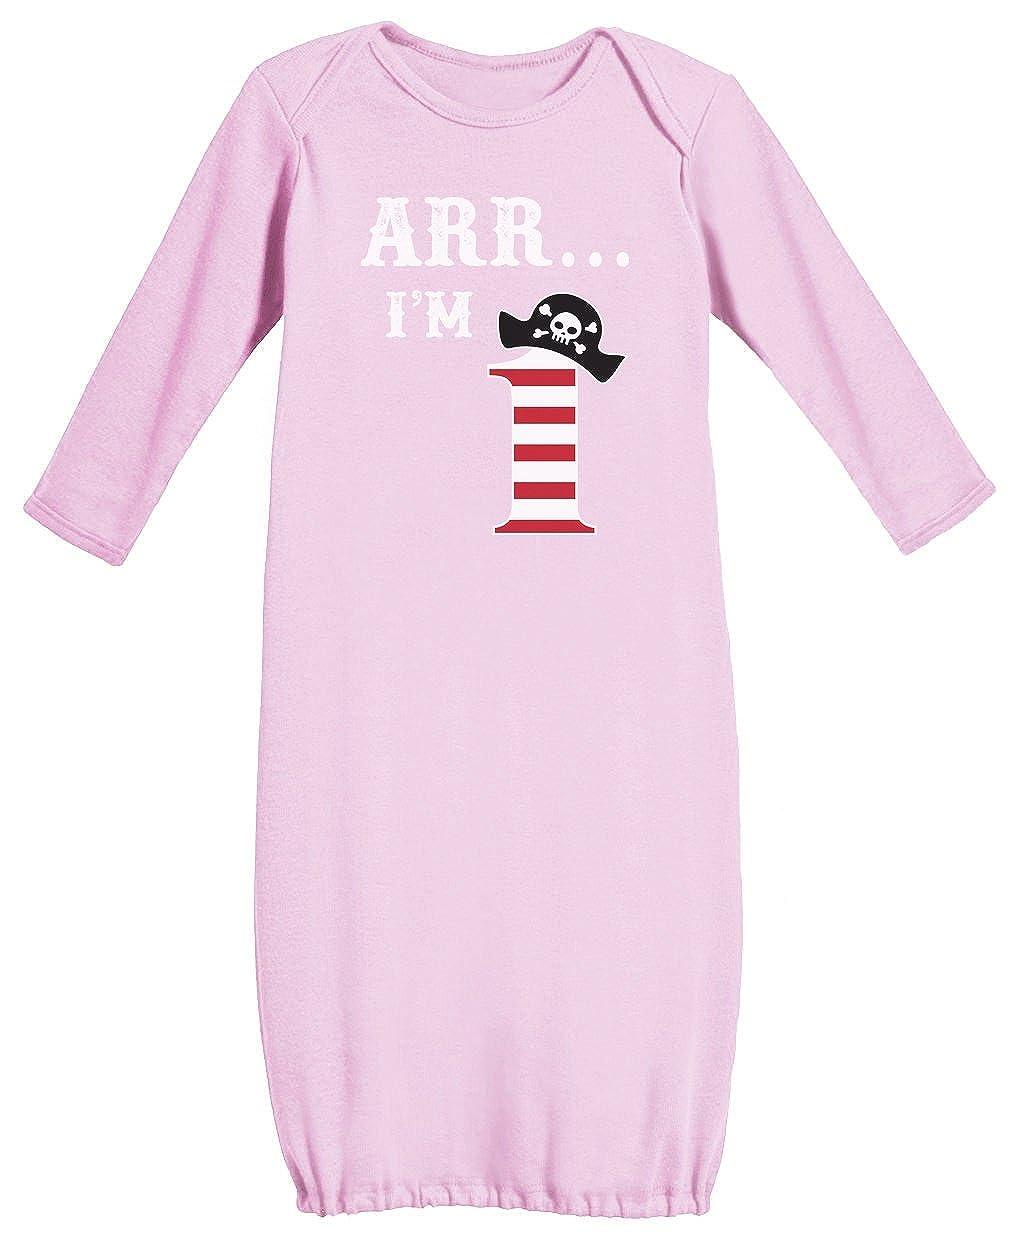 沸騰ブラドン Arr私は1 ピンク – Pirate誕生日パーティーギフト1年の赤ちゃん用長袖ガウン Newborn Newborn ピンク Arr私は1 B01DPGLE1Y, 総合商社チャンピオン:1bc2eb00 --- a0267596.xsph.ru